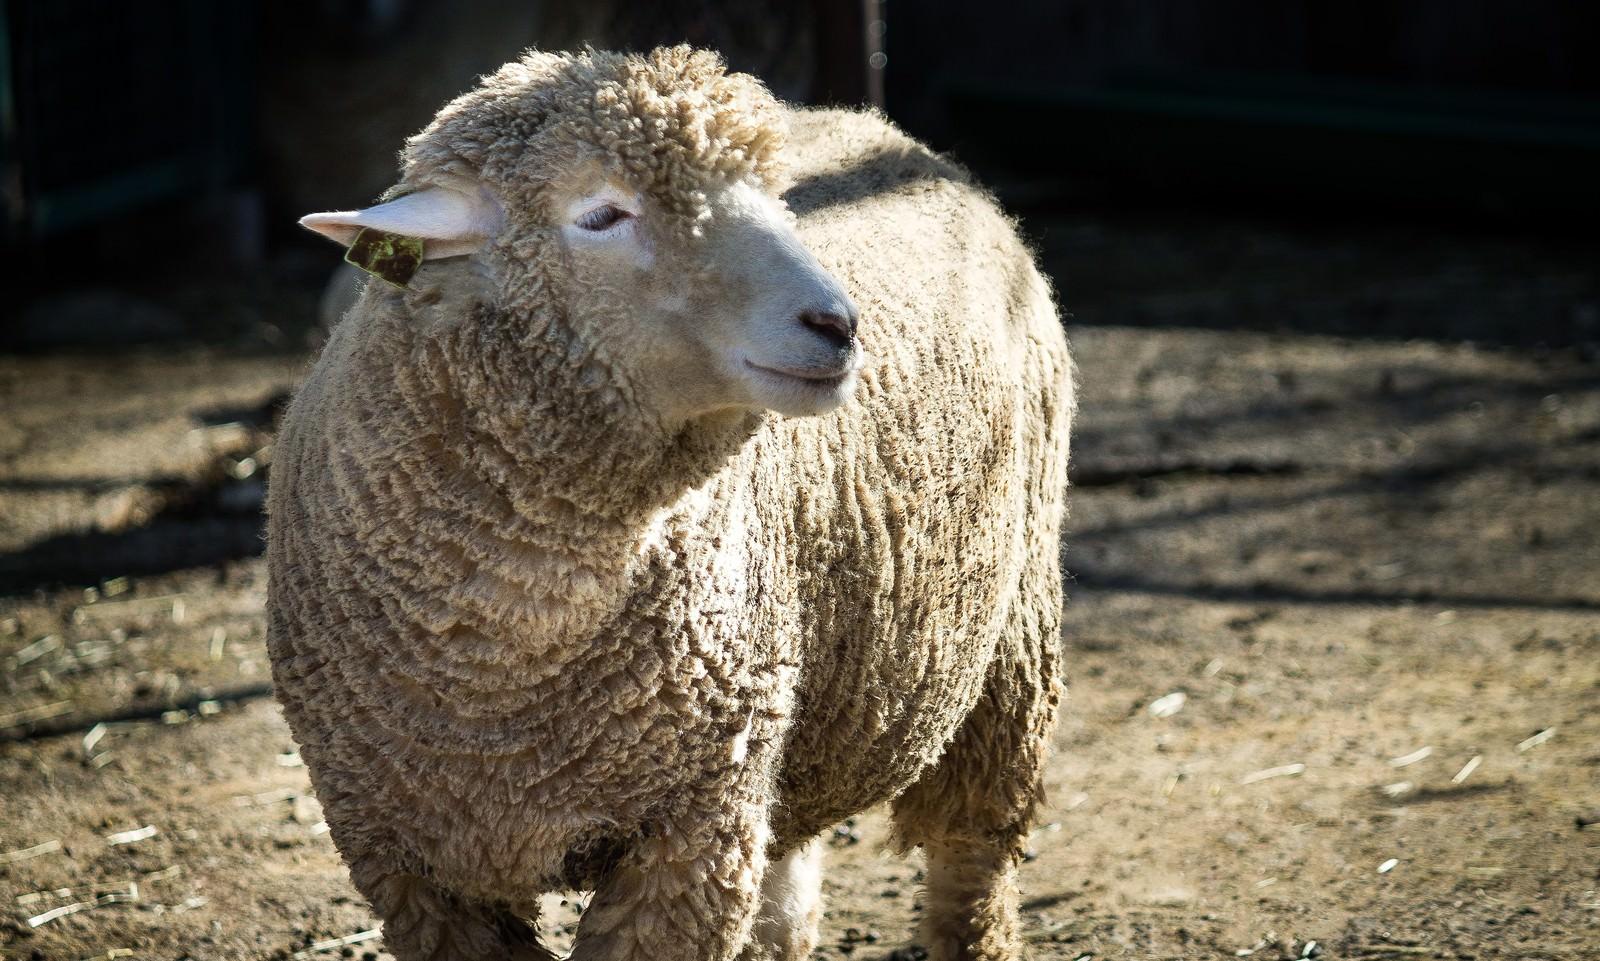 「穏やかな表情の羊穏やかな表情の羊」のフリー写真素材を拡大